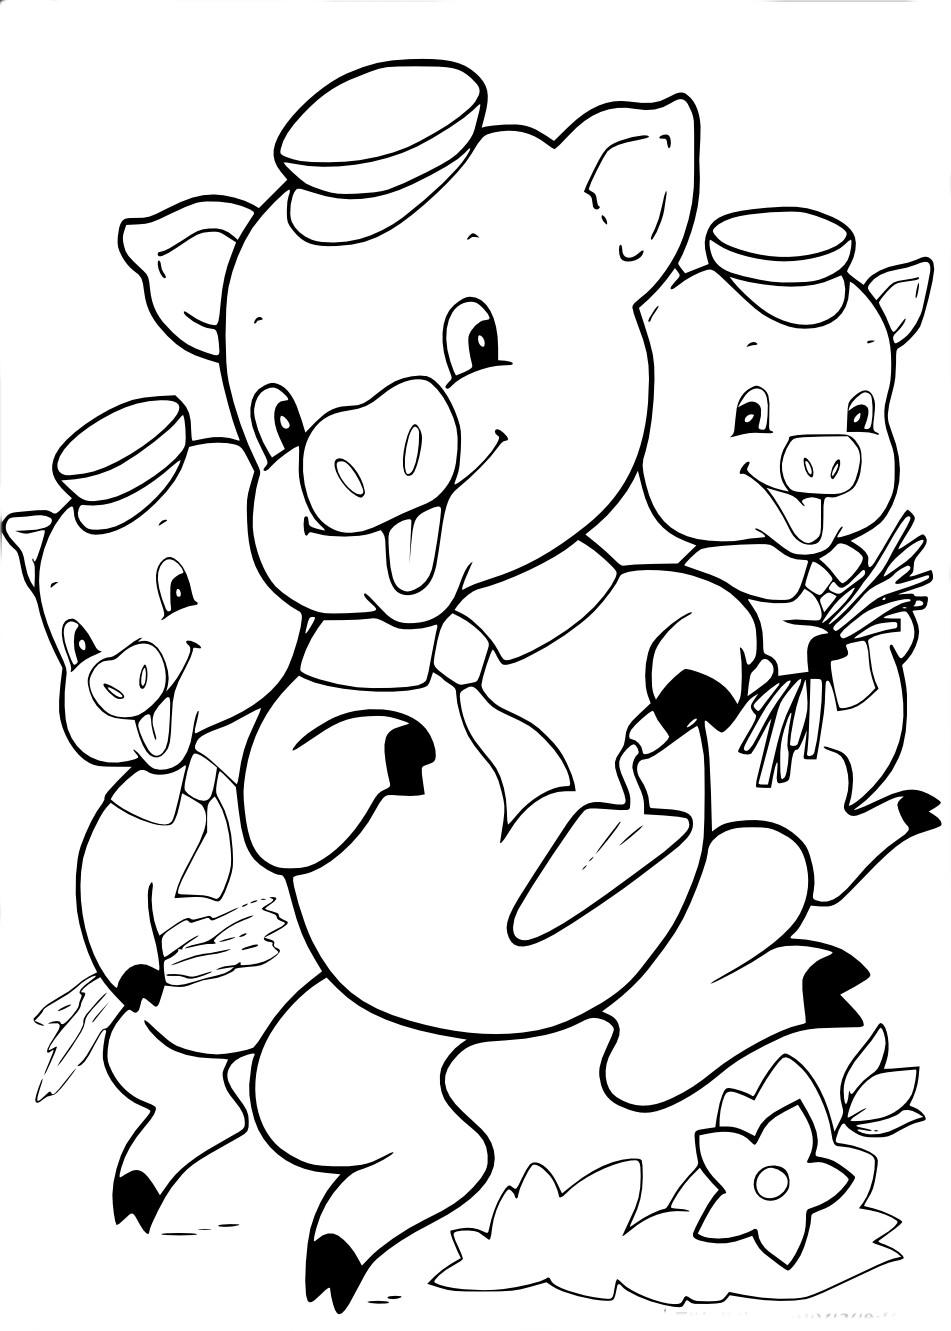 Coloriage les trois petits cochons imprimer - Dessin a imprimer cochon ...